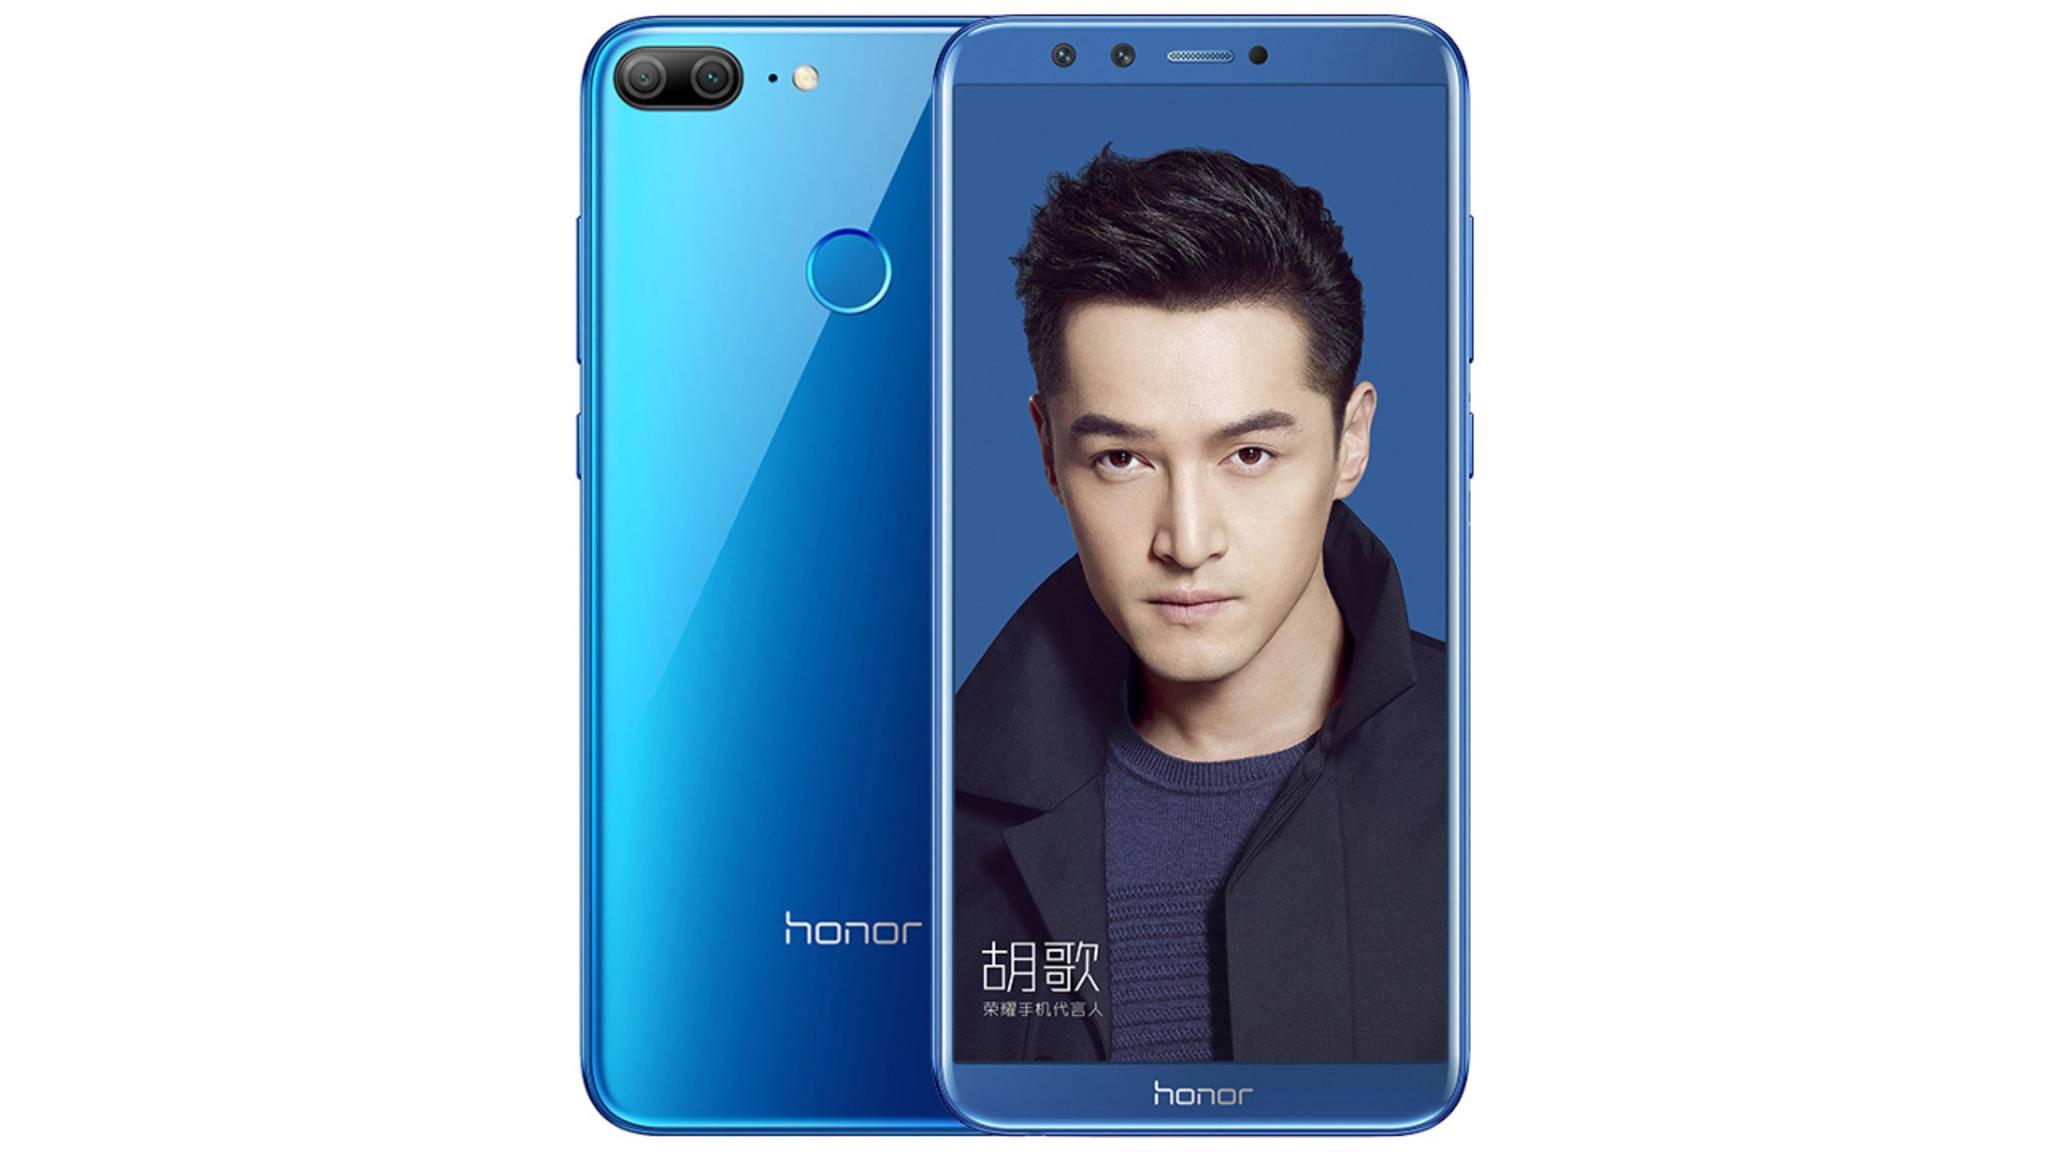 In China wurde jetzt das Honor 9 Lite vorgestellt.